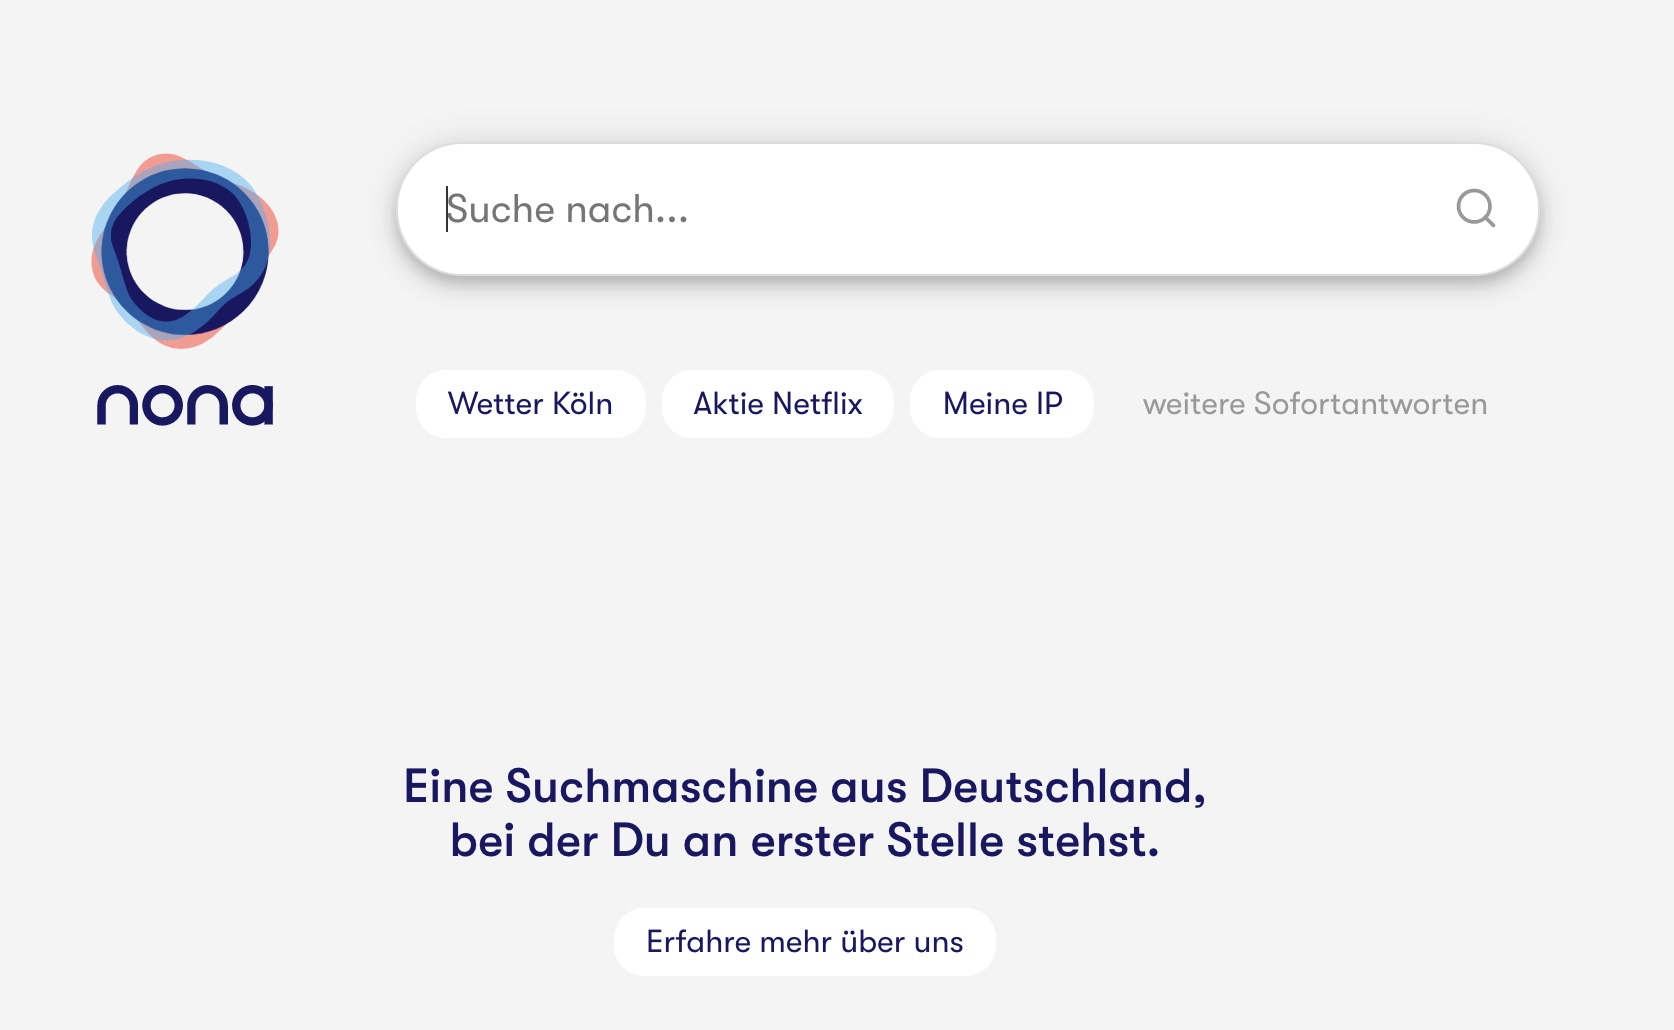 Die werbefreie Suchmaschine nona aus Deutschland